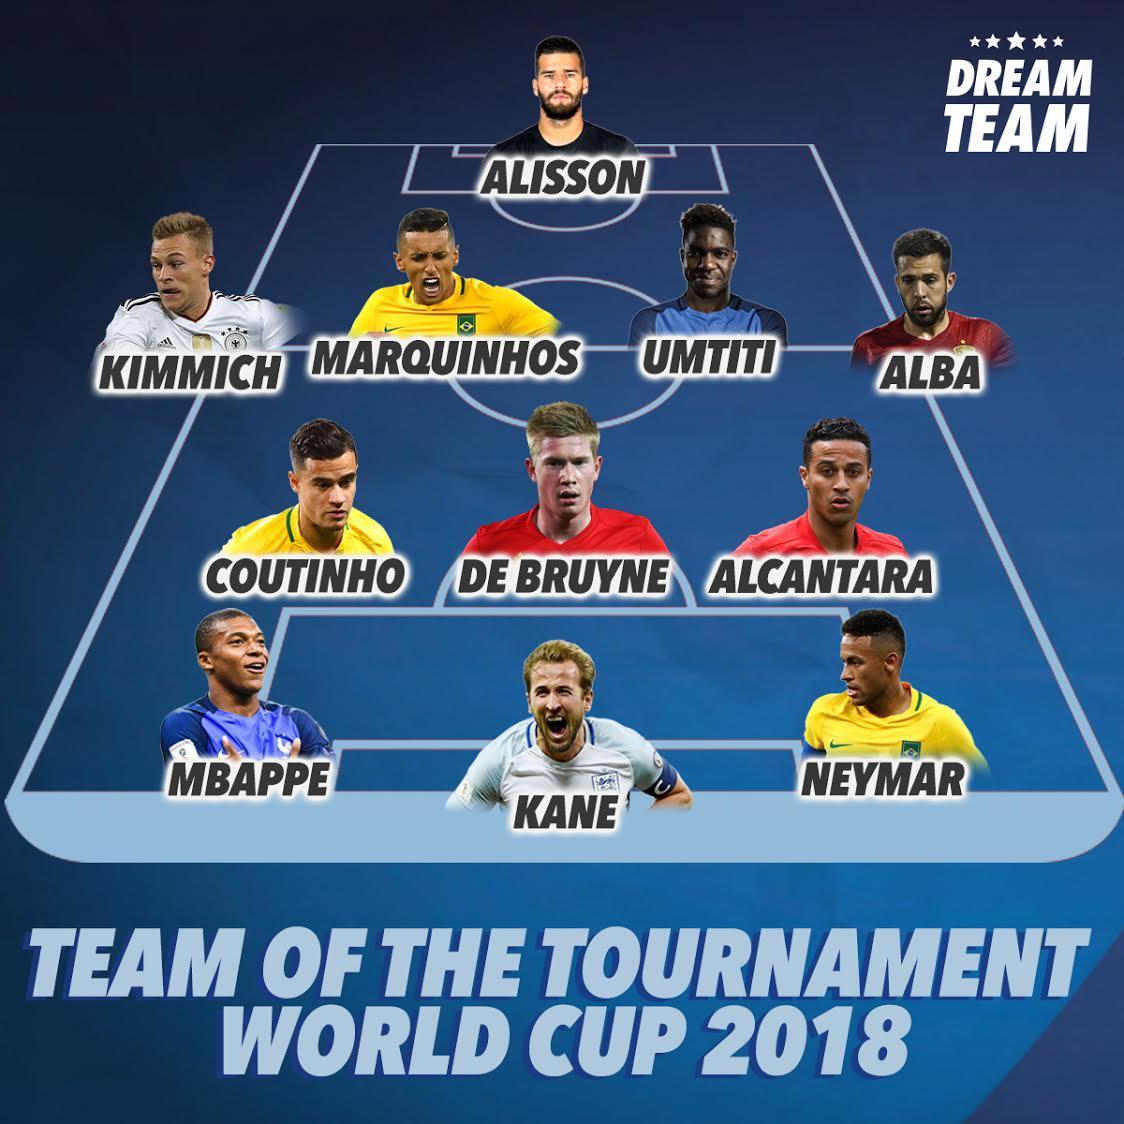 Amazing Brazil World Cup 2018 - tott-2  Snapshot_469285 .jpg?strip\u003dall\u0026w\u003d960\u0026quality\u003d100